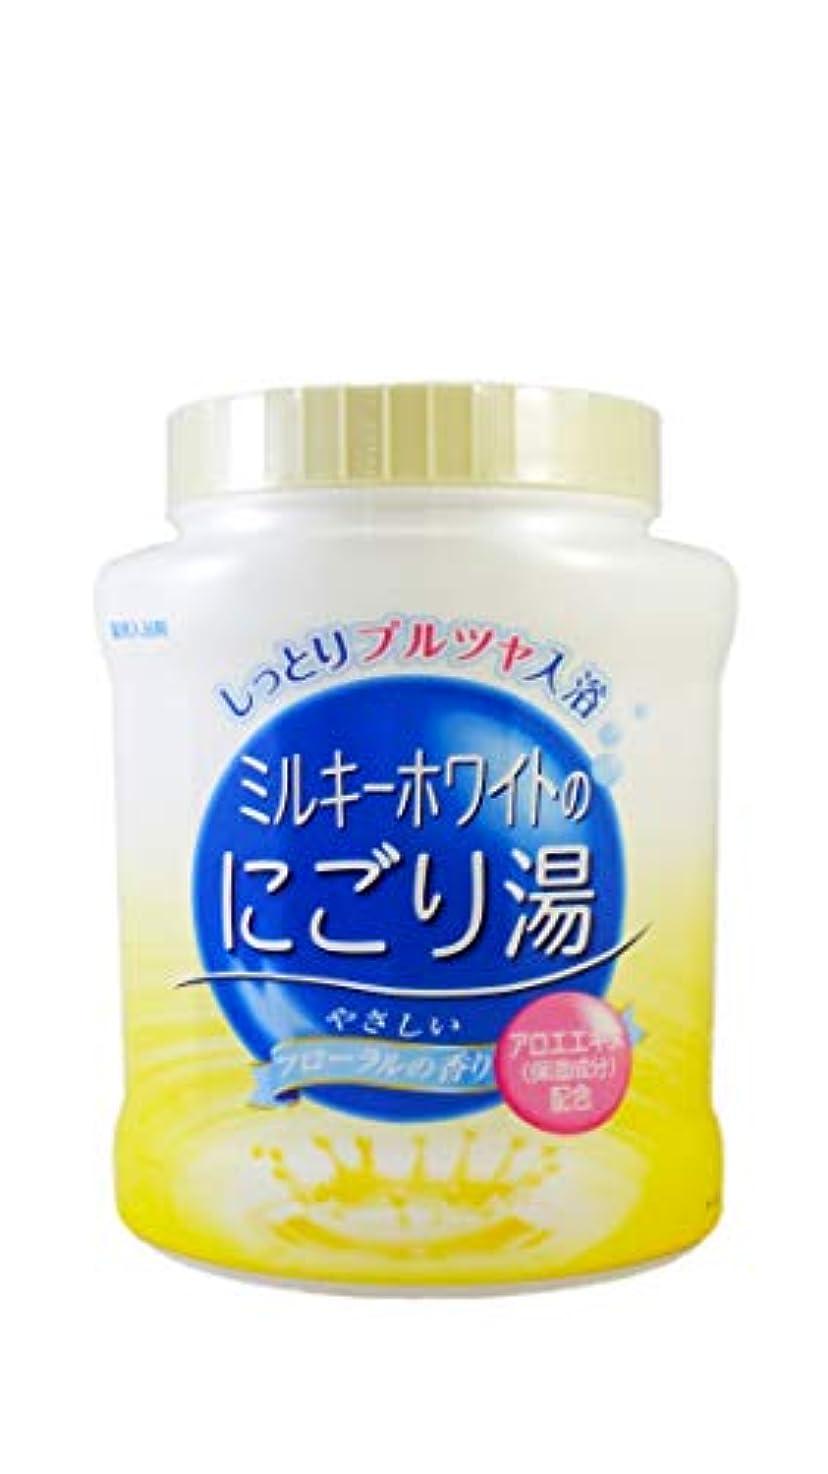 薬用入浴剤 ミルキーホワイトのにごり湯 やさしいフローラルの香り 天然保湿成分配合 医薬部外品 680g